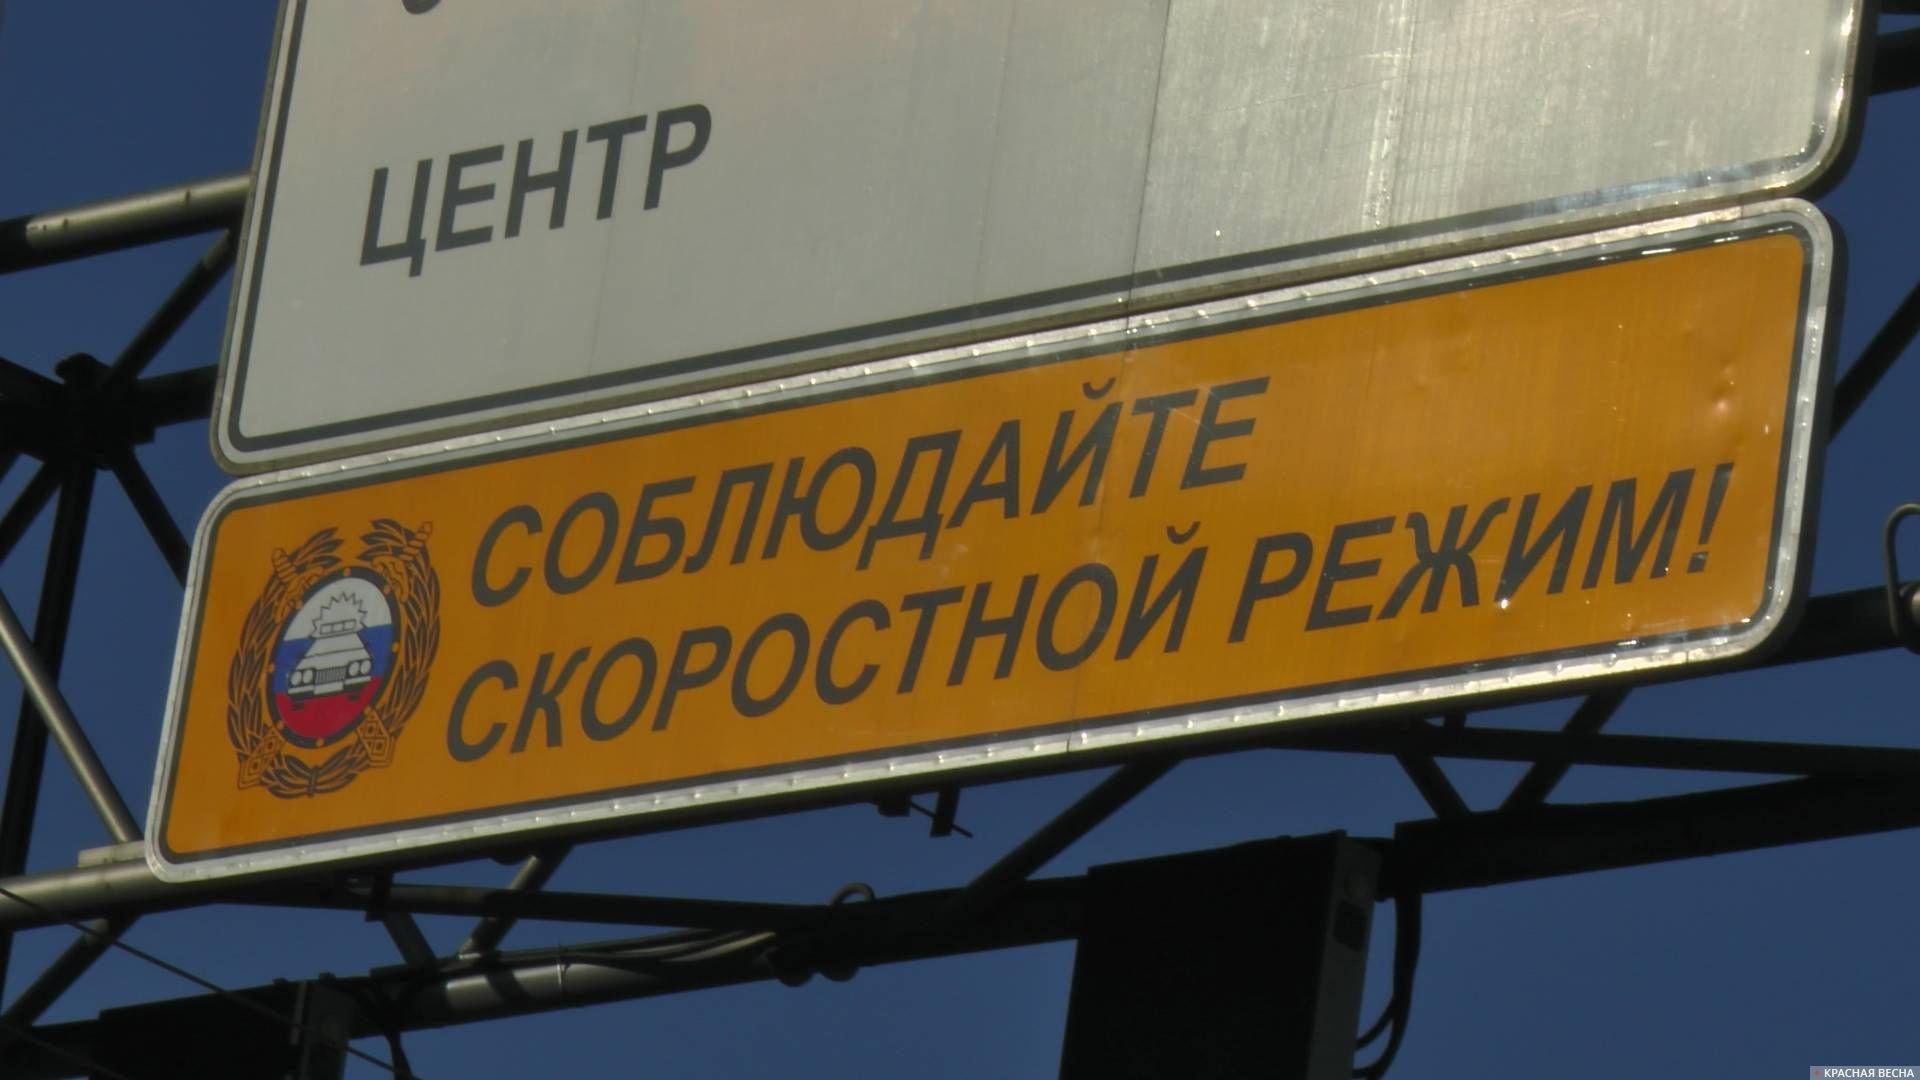 Соблюдайте скоростной режим. Москва. 2018